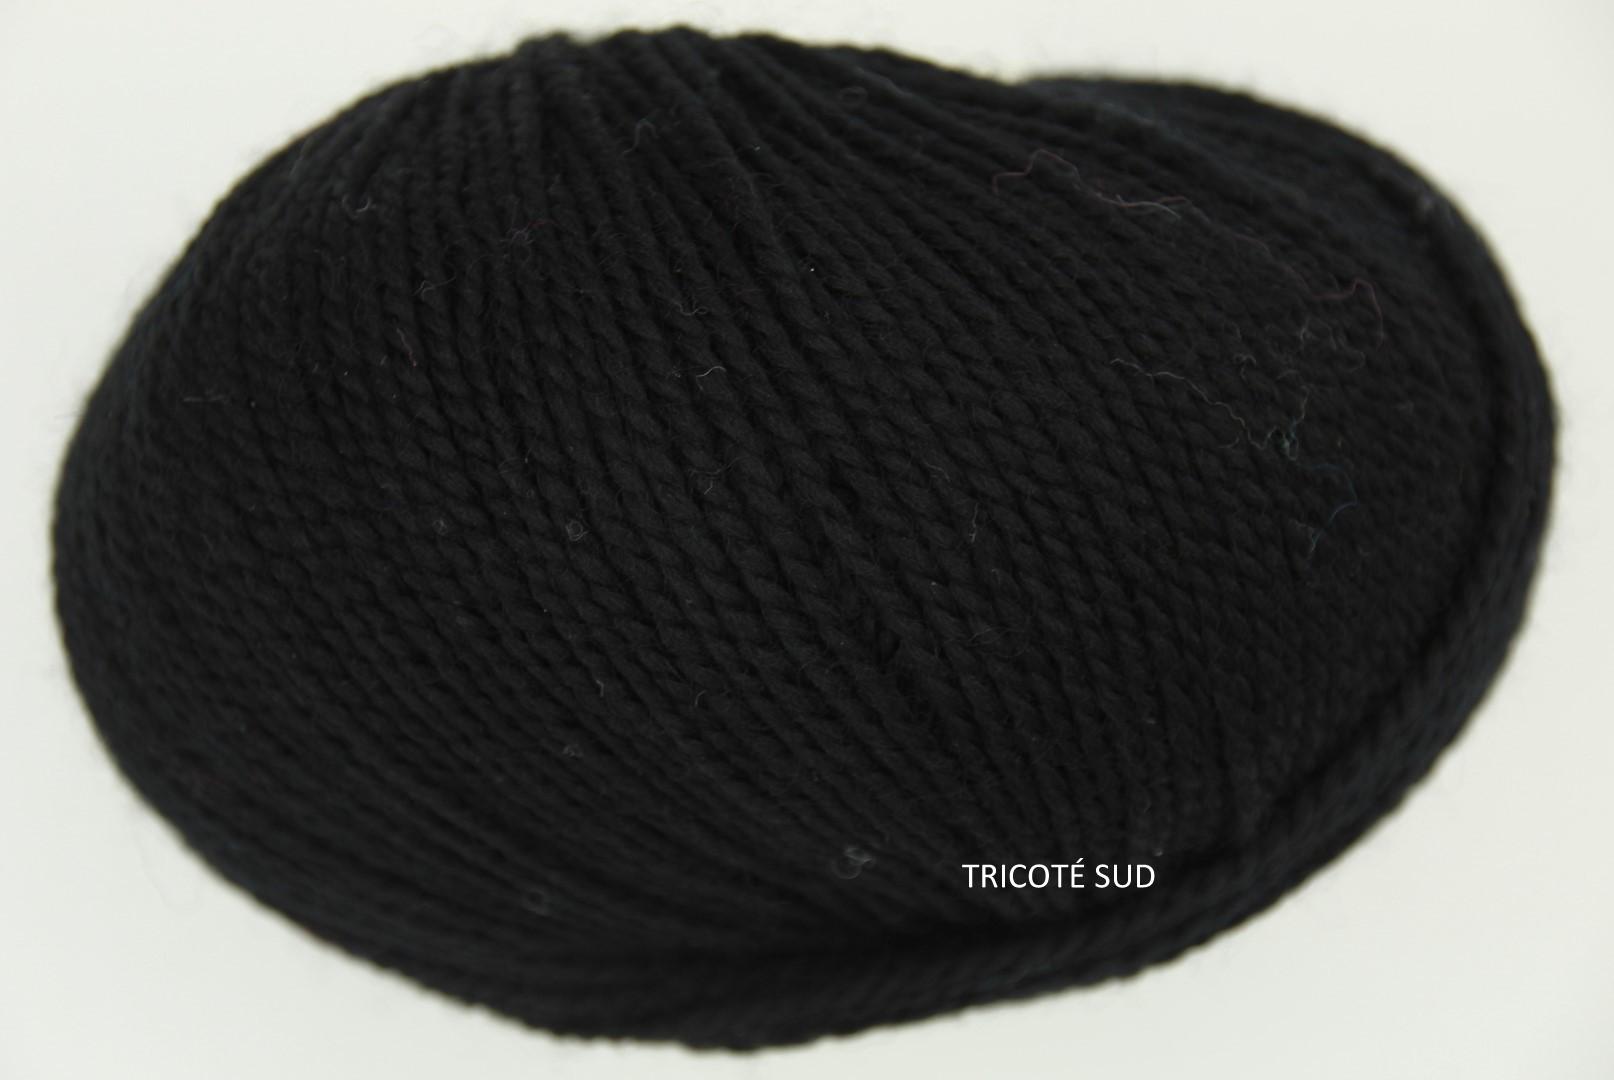 SEMILLA BCGARN COLORIS 31 (Large)